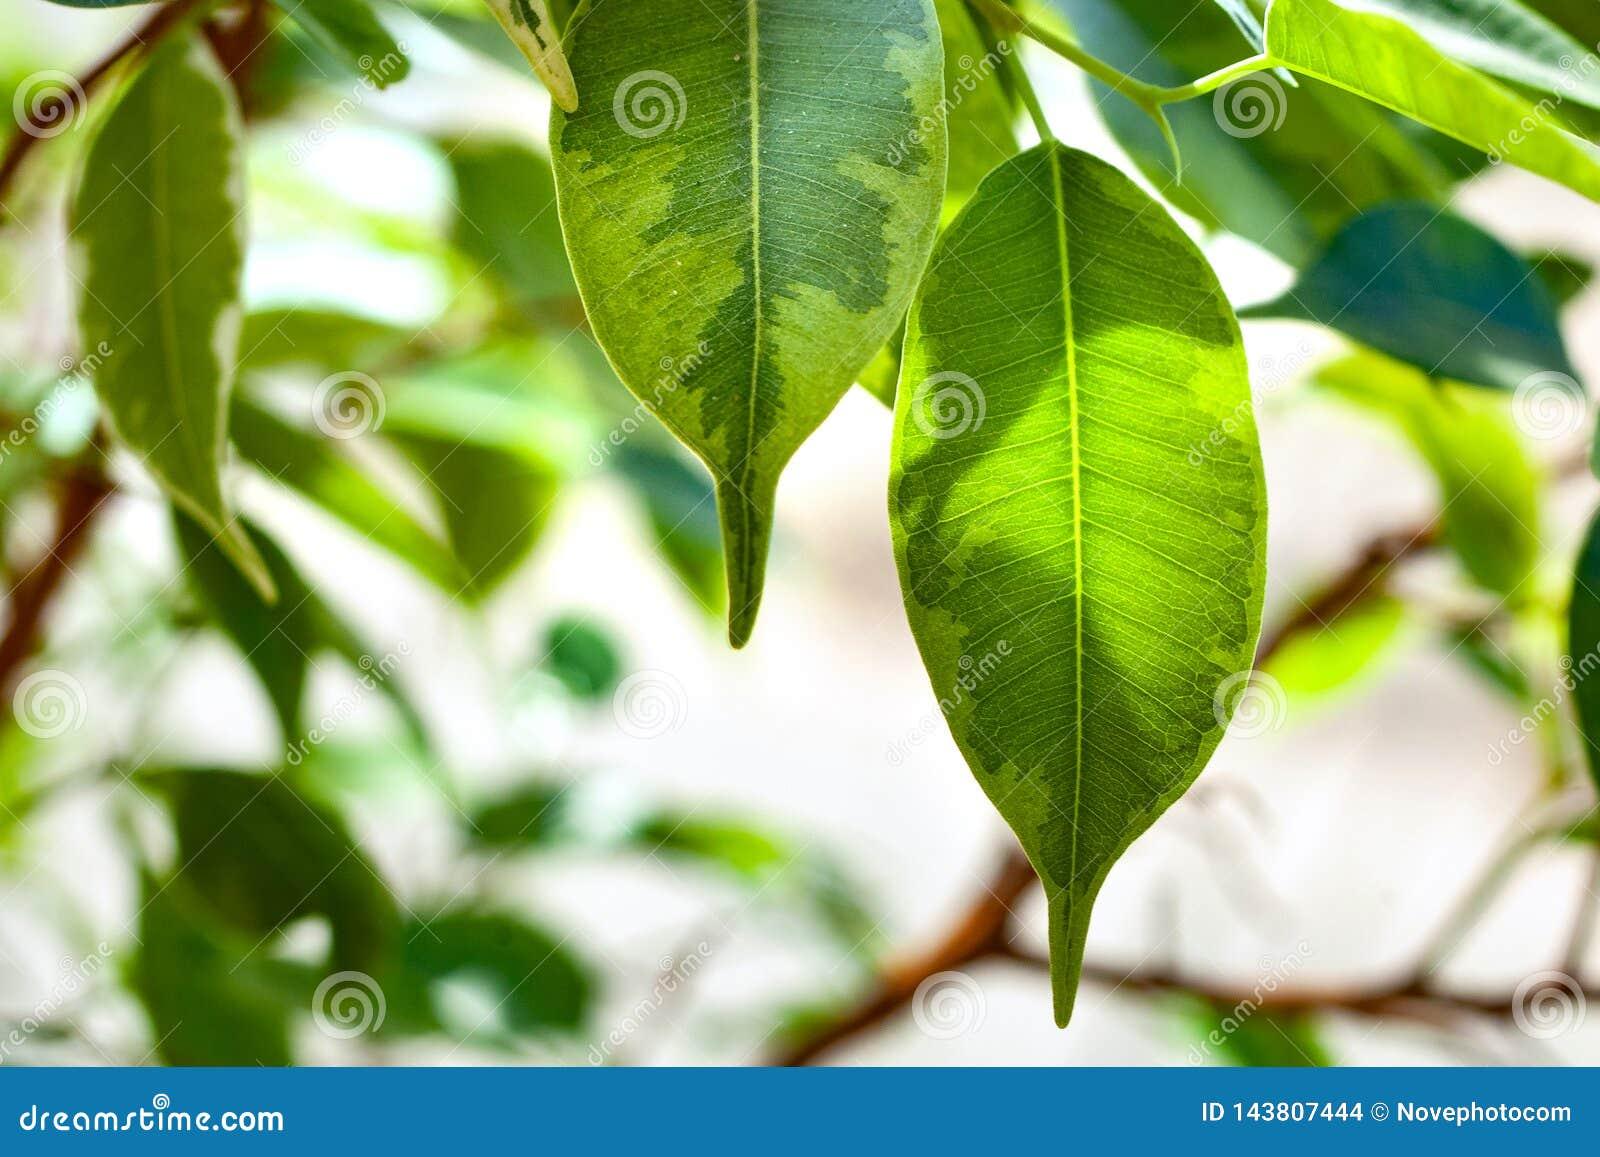 Follaje verde del arbusto de los ficus